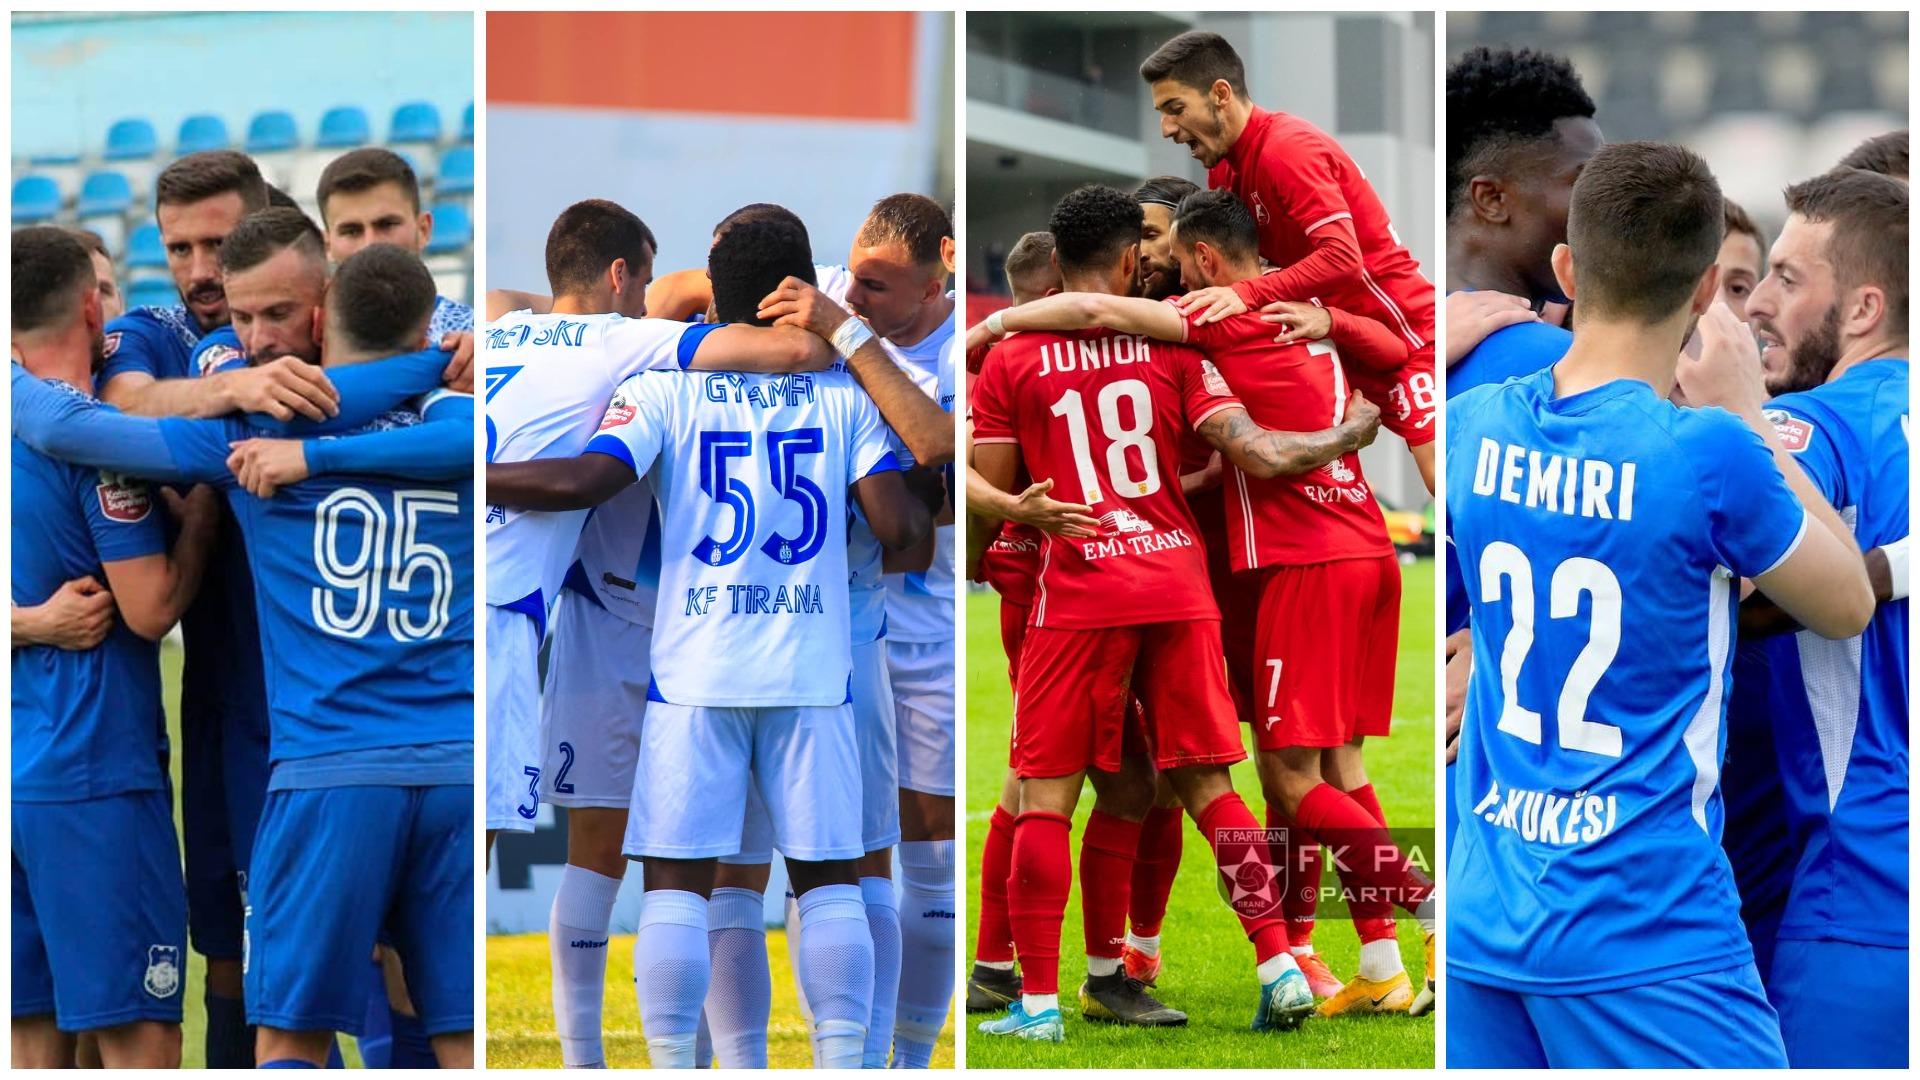 Tabela e transferimeve: Dinamo revolucion, sa ndryshime te Kukësi e Partizani